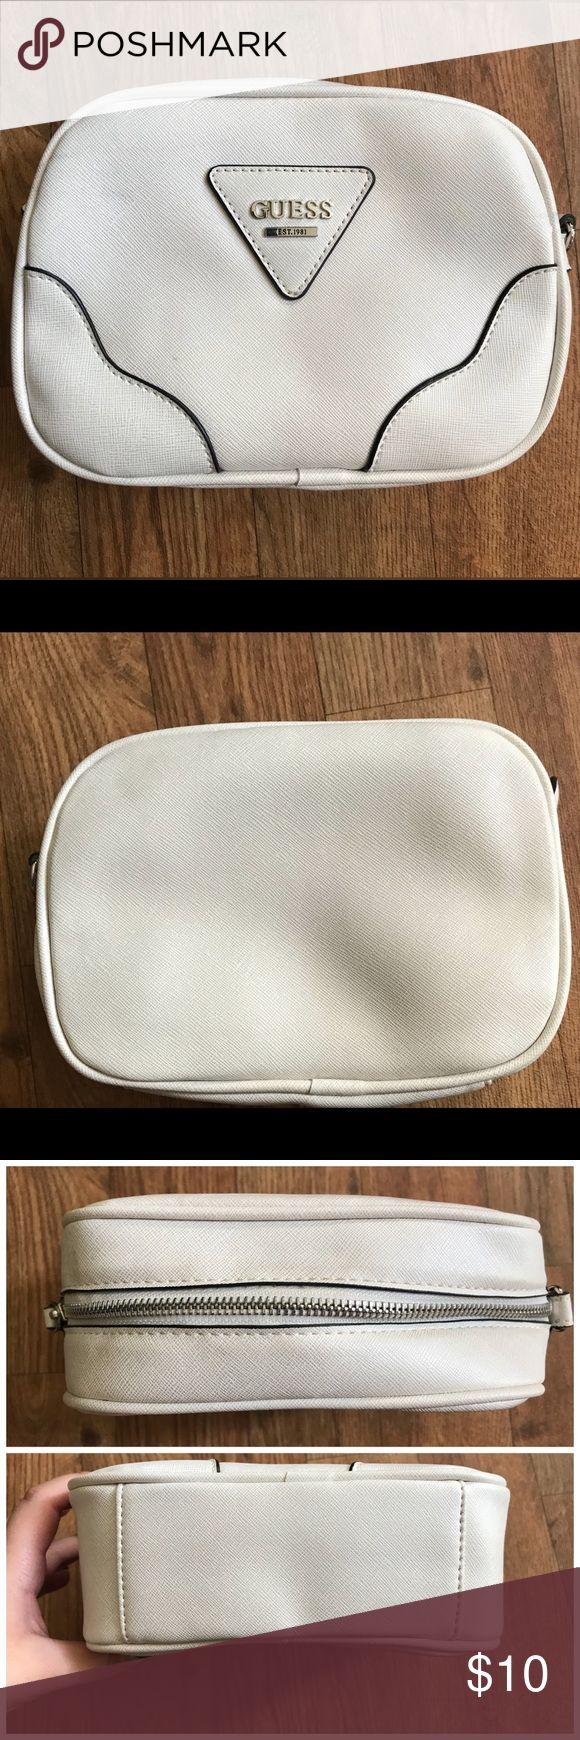 GUESS Clutch / Cosmetic Bag GUESS Clutch / Cosmetic Bag Guess Bags Cosmetic Bags & Cases